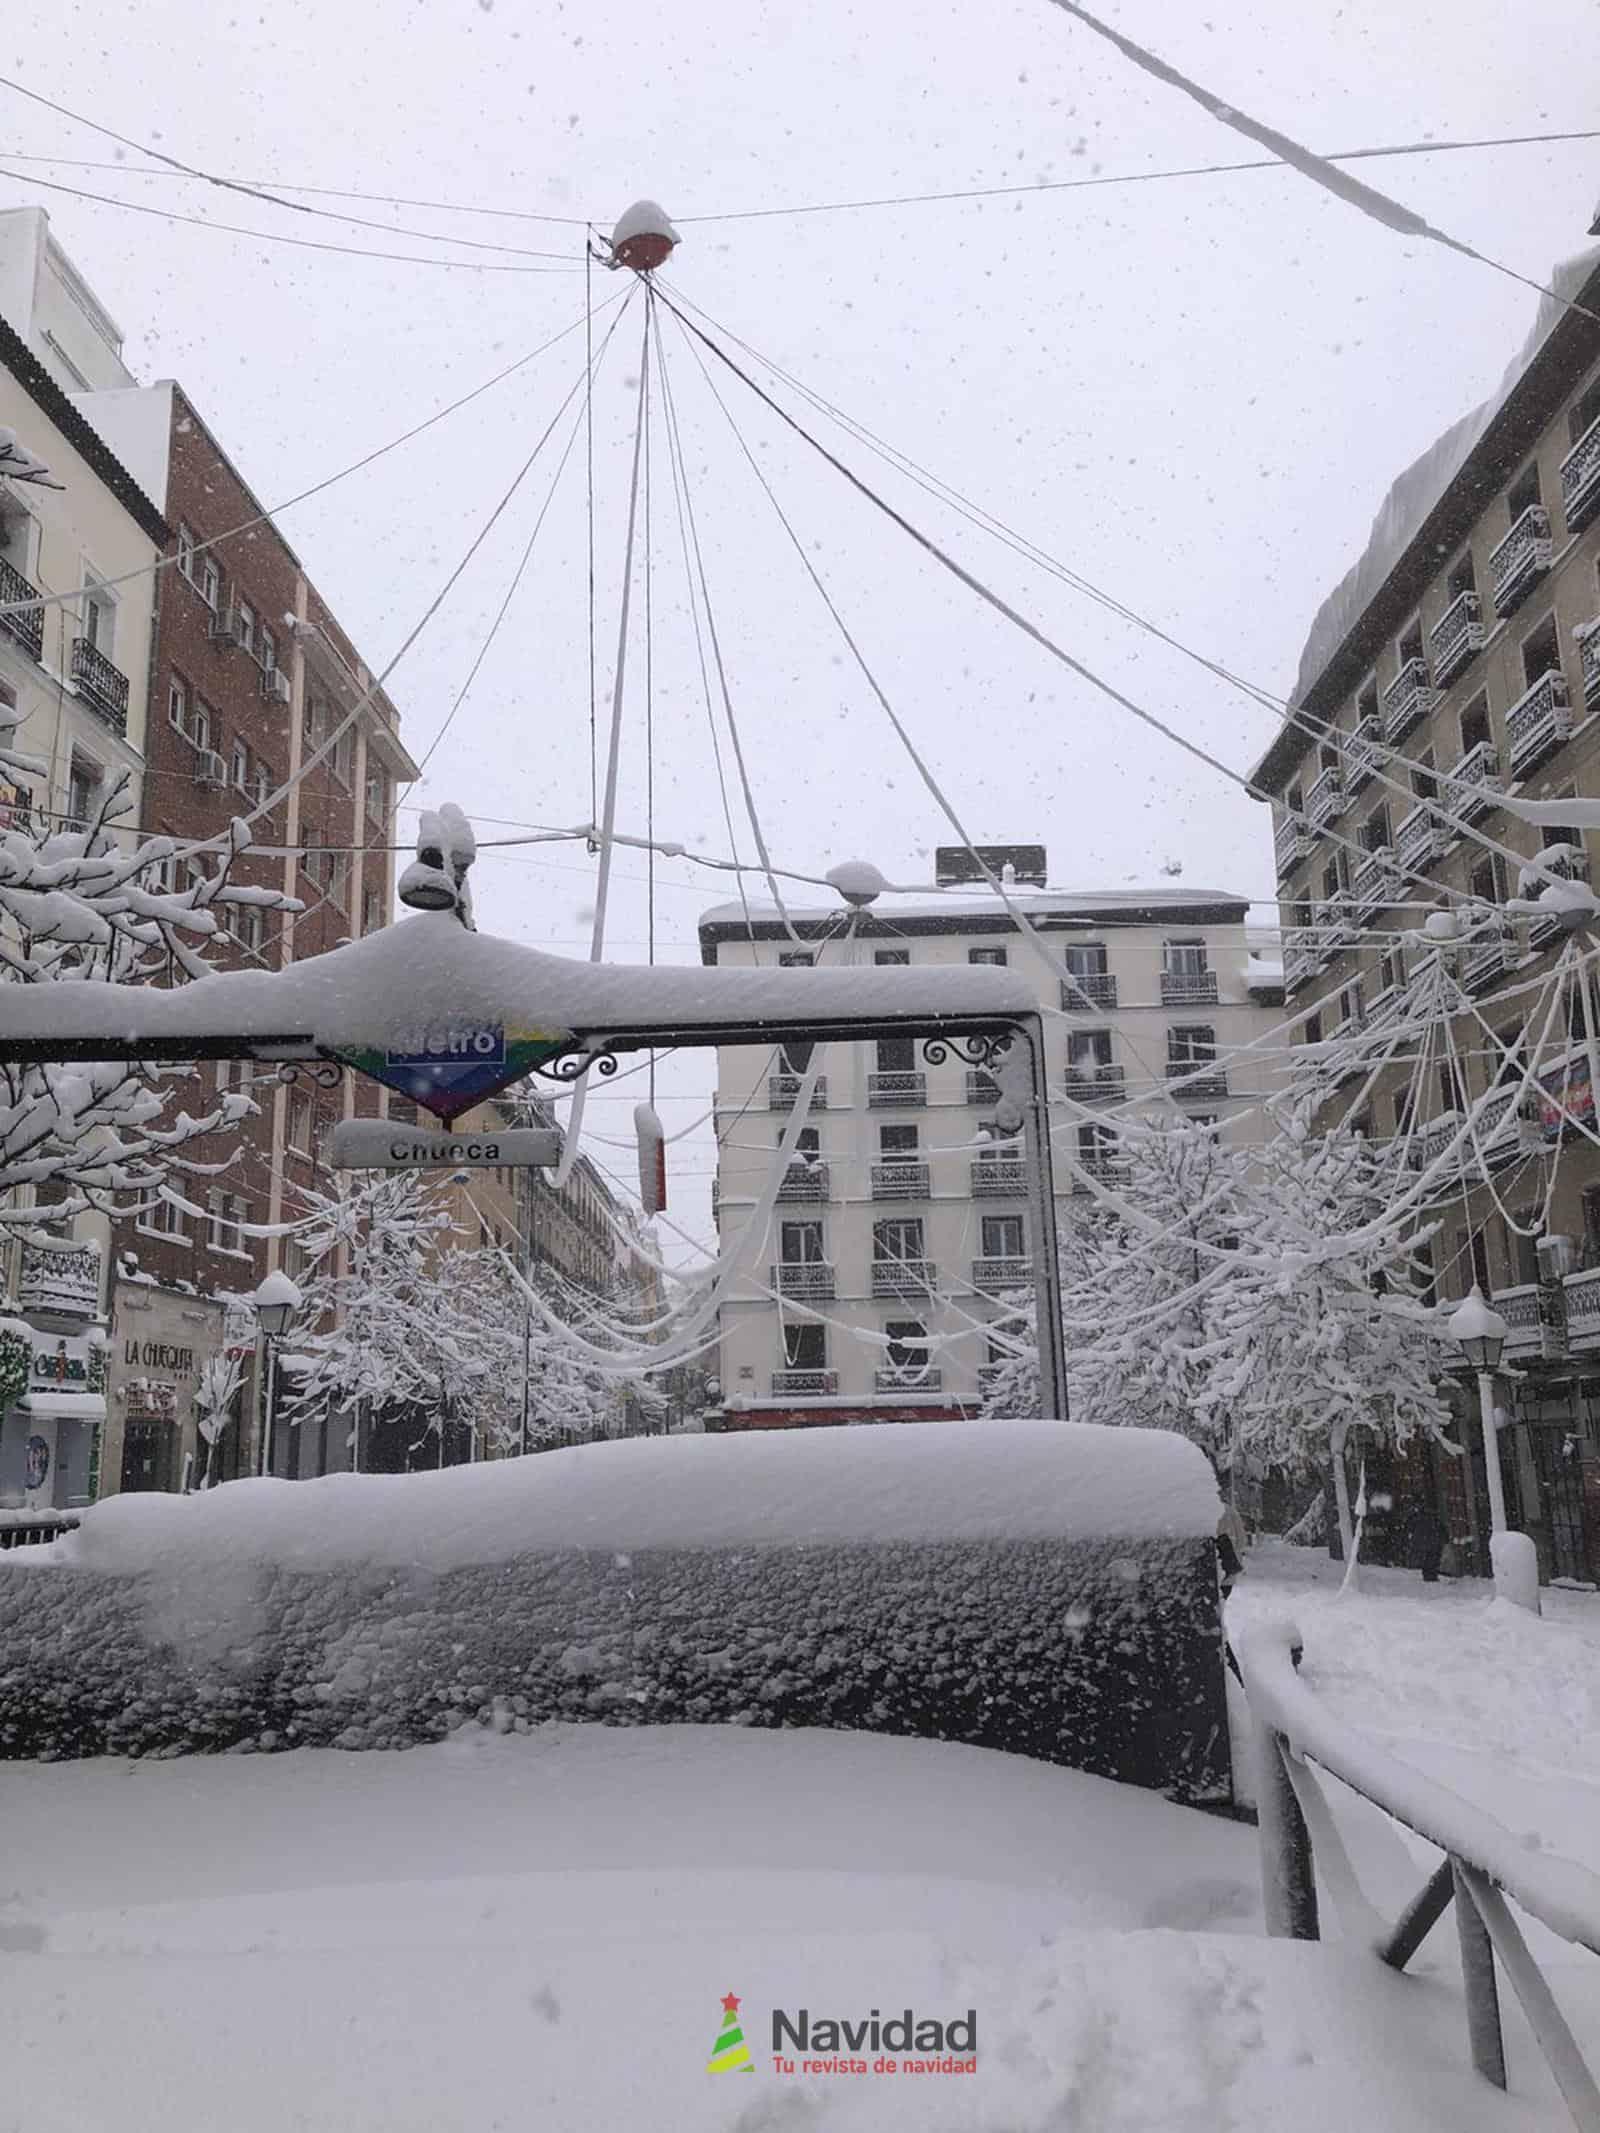 Fotografías de la nevada de enero en Madrid (España) 183